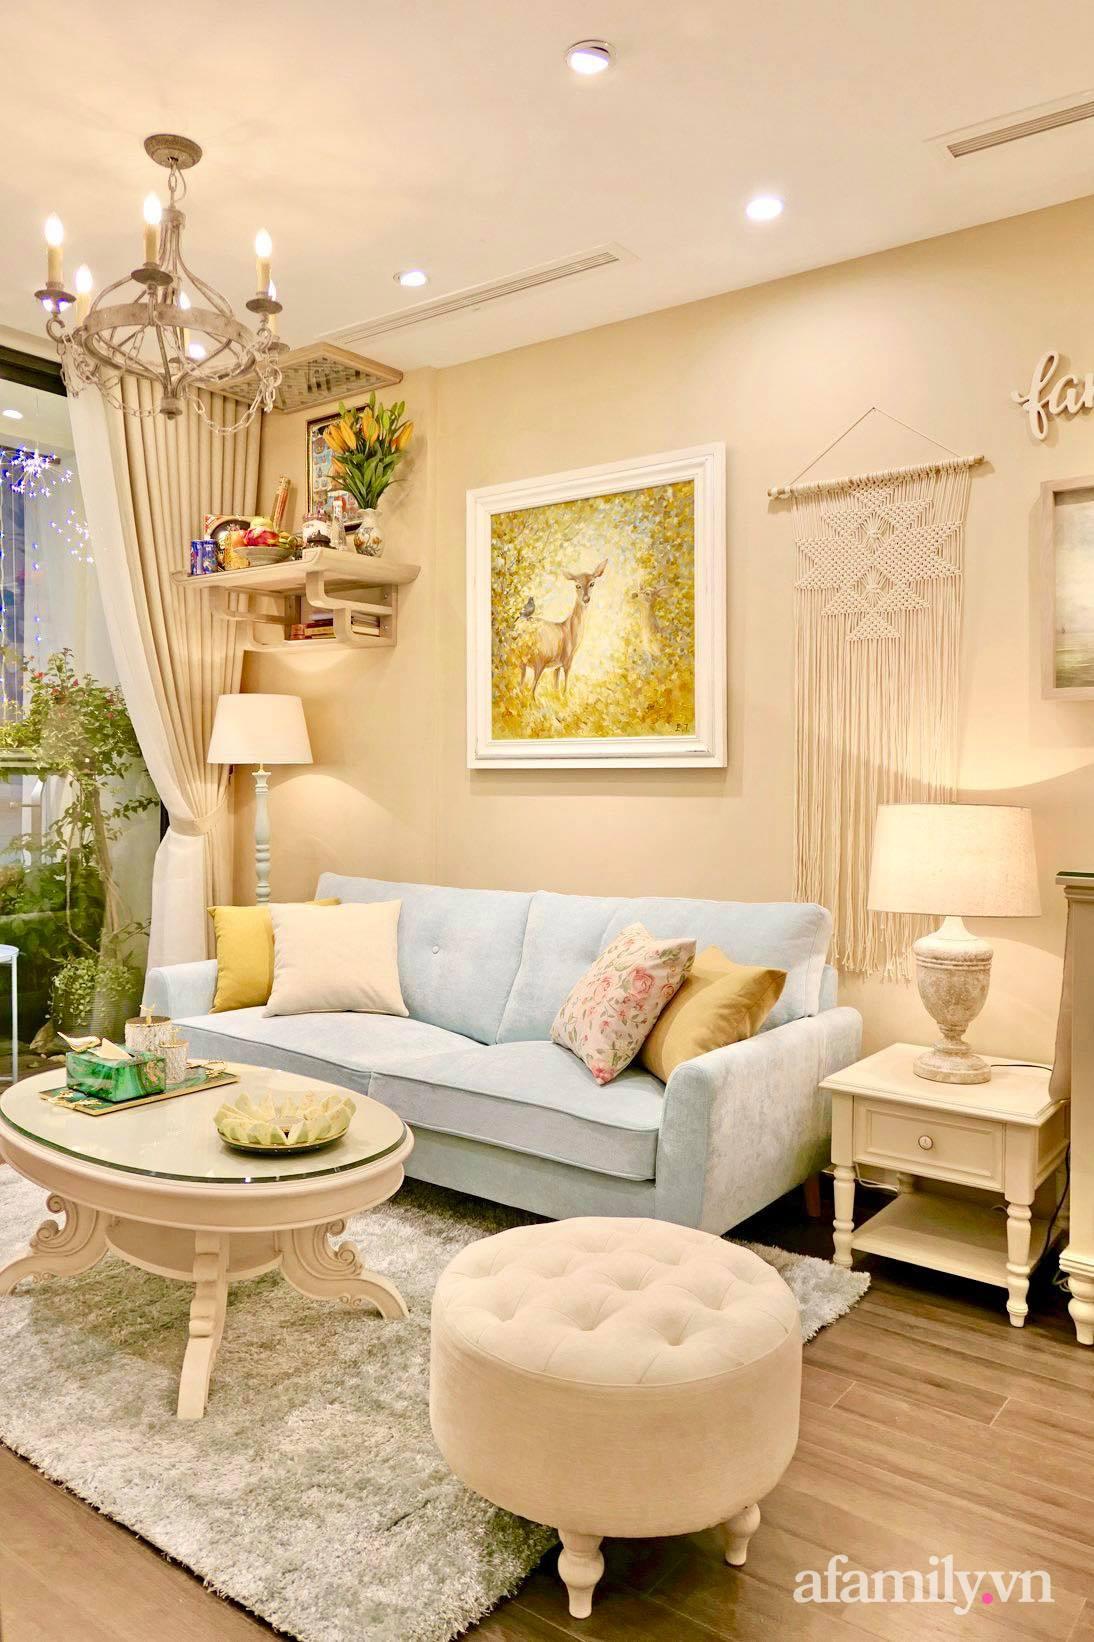 """Căn hộ siêu dễ thương decor theo phong cách Vintage được chủ nhà hoàn thiện """"vội"""" trong 10 ngày ở Hà Nội - Ảnh 5."""